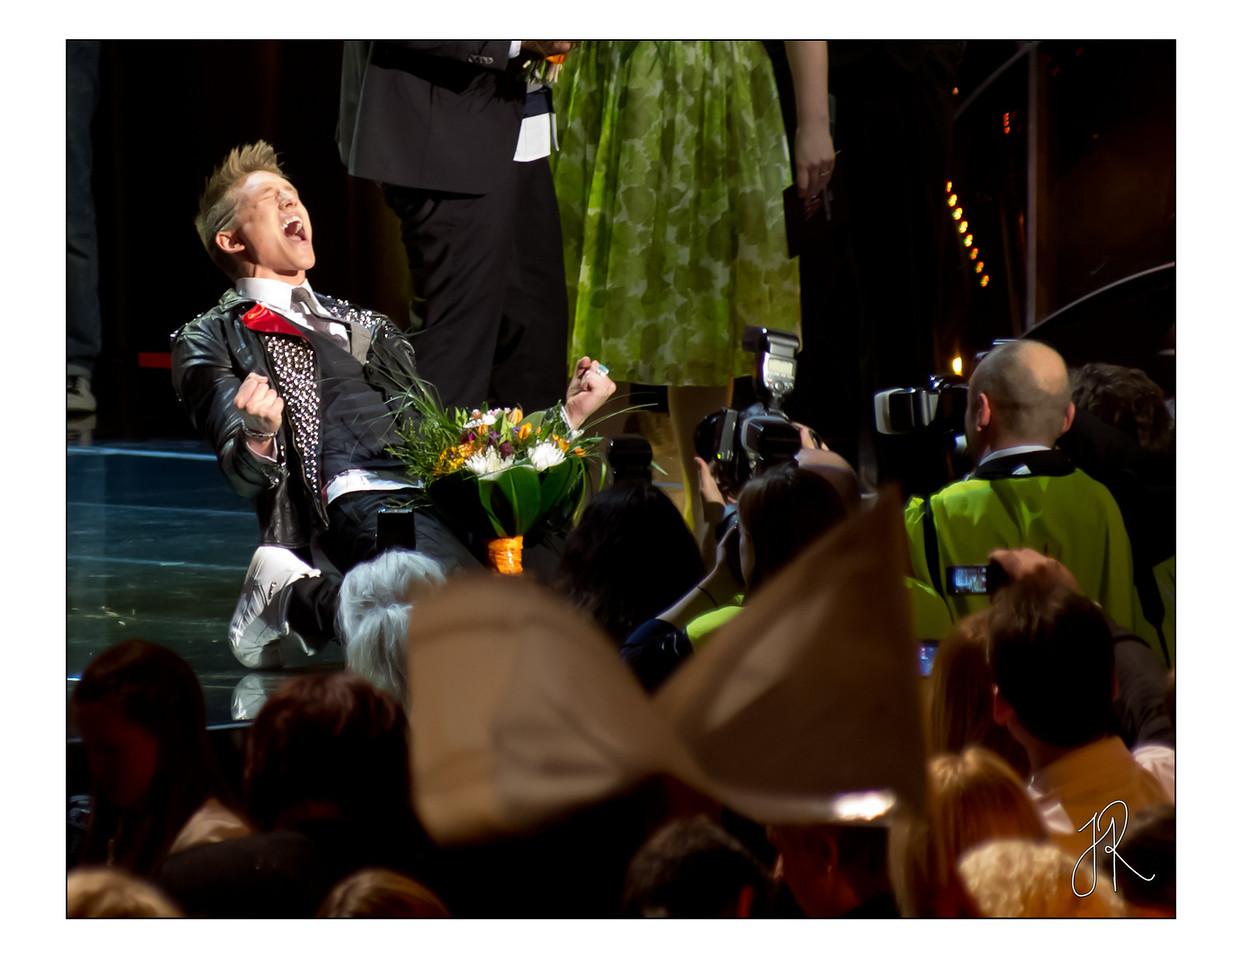 Danny skriker ut sitt segervrål efter seger i Melodifestivalens delfinal i Luleå 2011